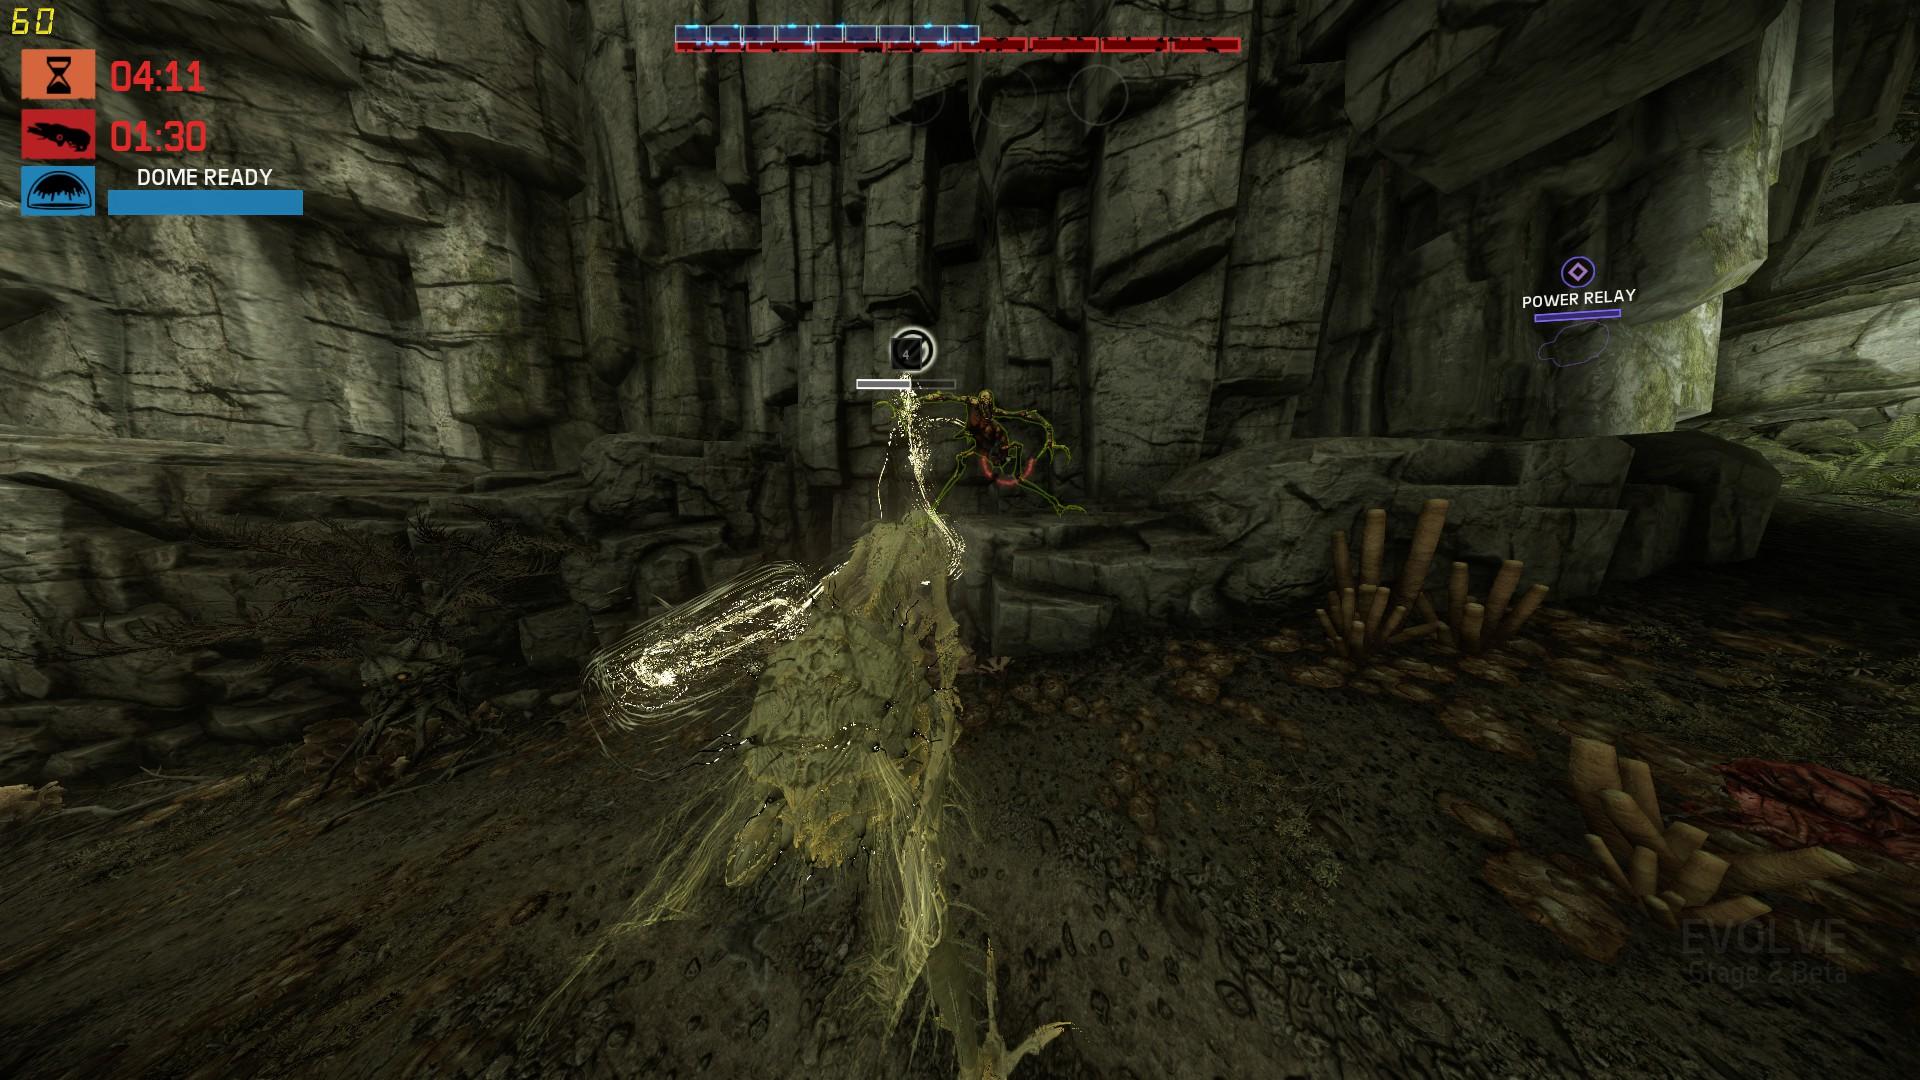 Steam Community Guide How To Gorgon Monster - Power Relay Evolve